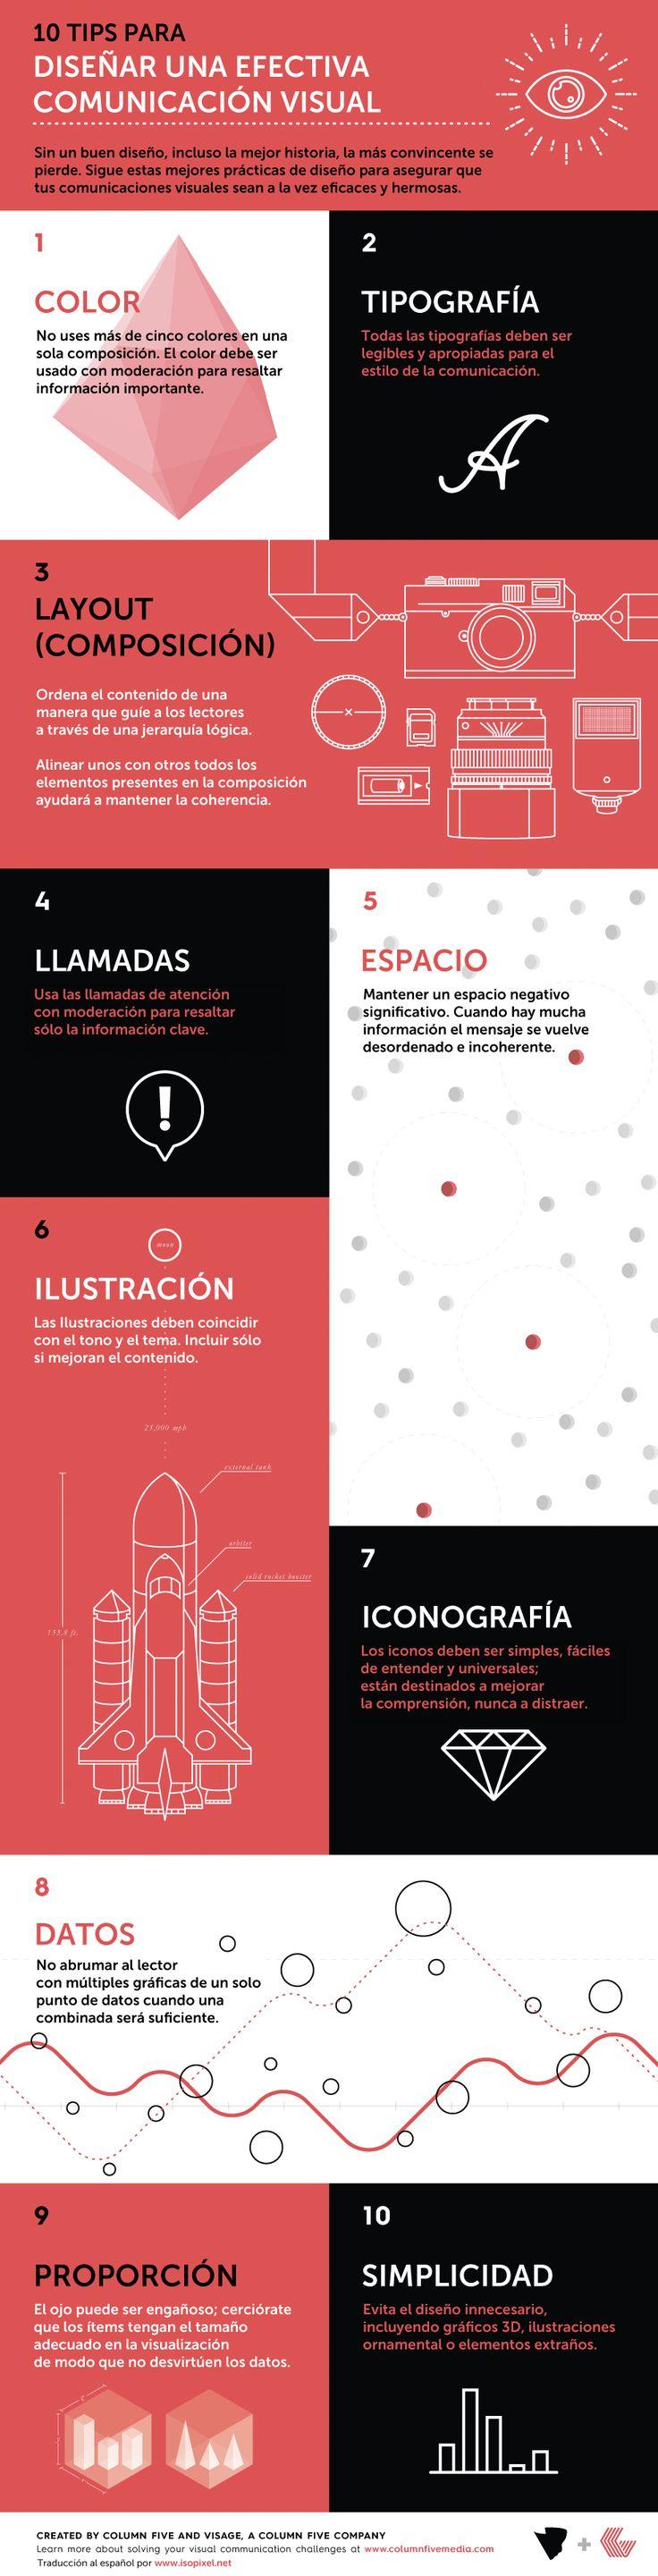 10 consejos para diseñar una comunicación visual efectiva – Infografía